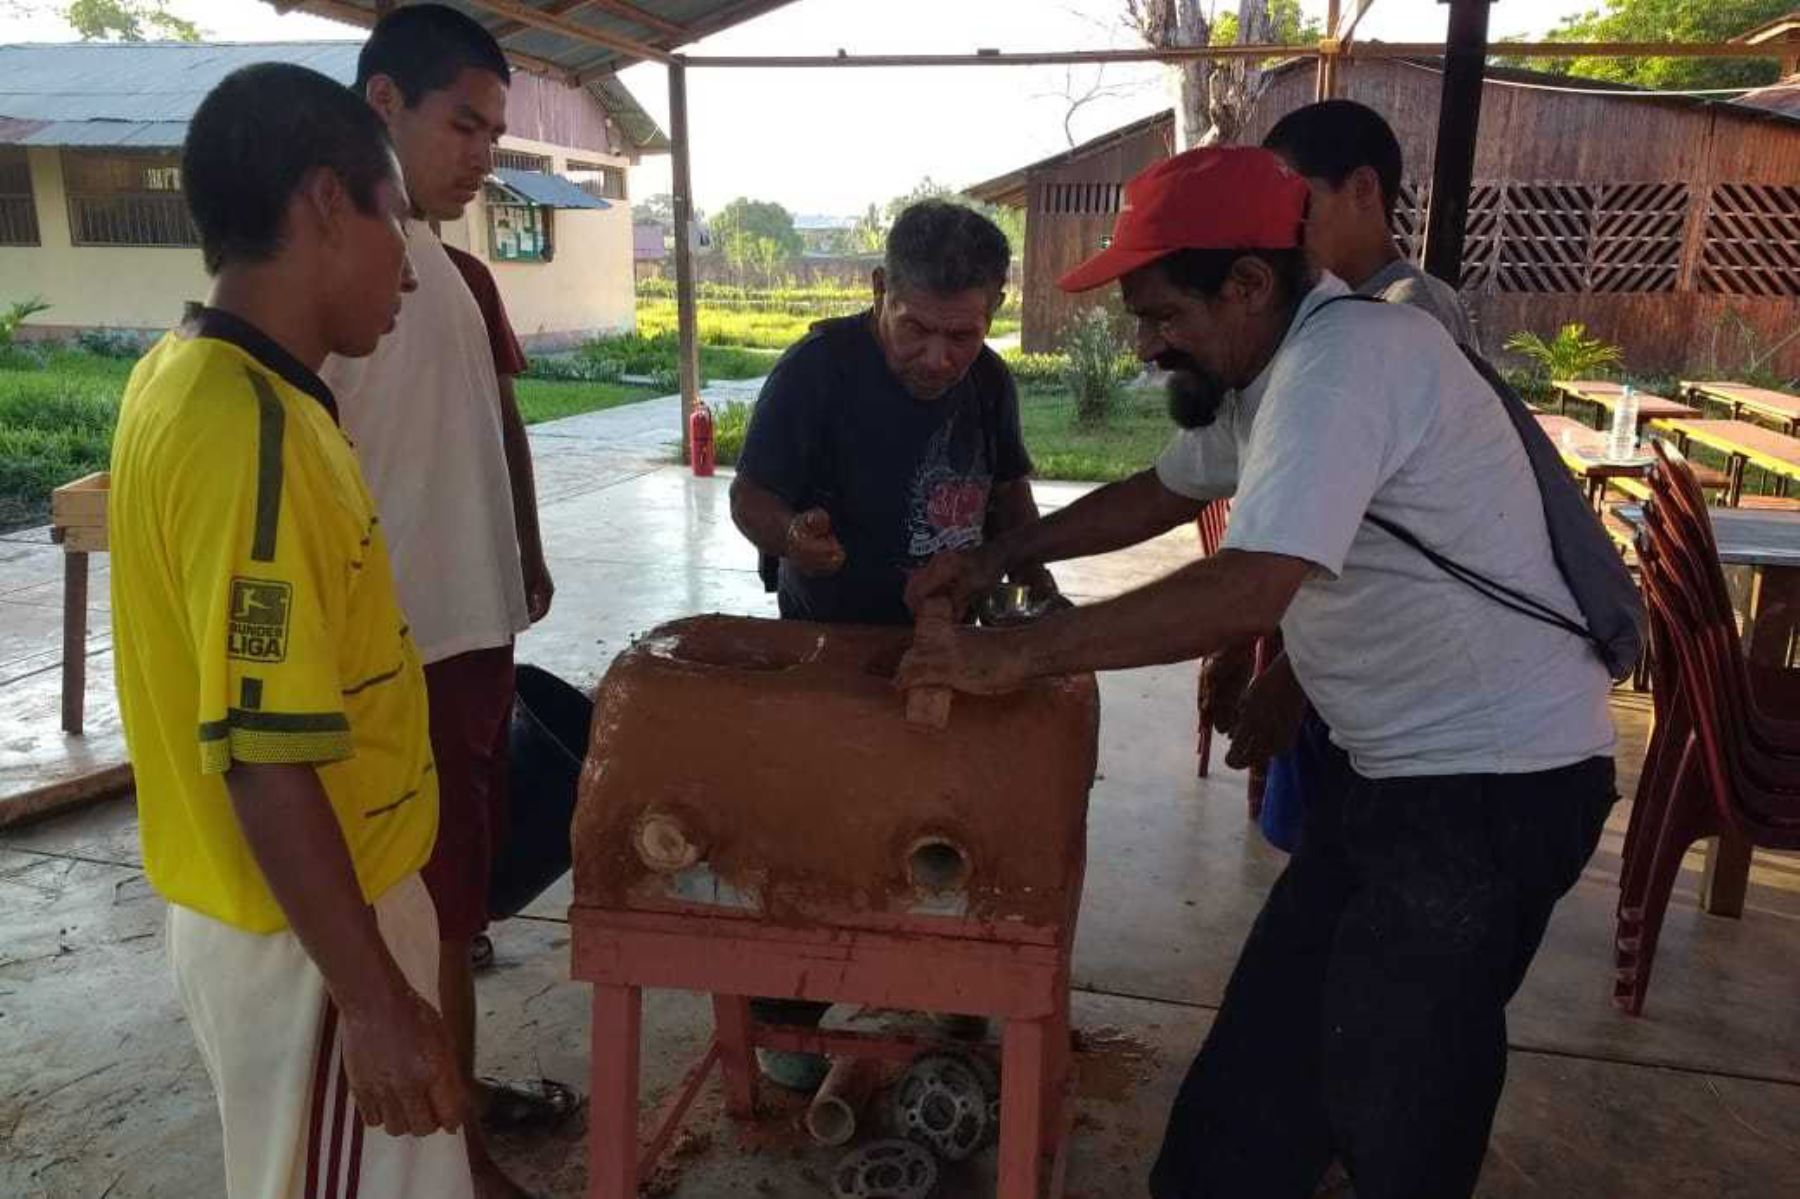 Internos del Centro Juvenil de Diagnóstico y Rehabilitación de Pucallpa, capital de la región Ucayali, están aprendiendo a producir cocinas artesanales de barro para tener mayores posibilidades de reinsertarse económicamente en la sociedad, gracias a la capacitación que reciben de los adultos mayores usuarias del Programa Nacional de Asistencia Solidaria Pensión 65.